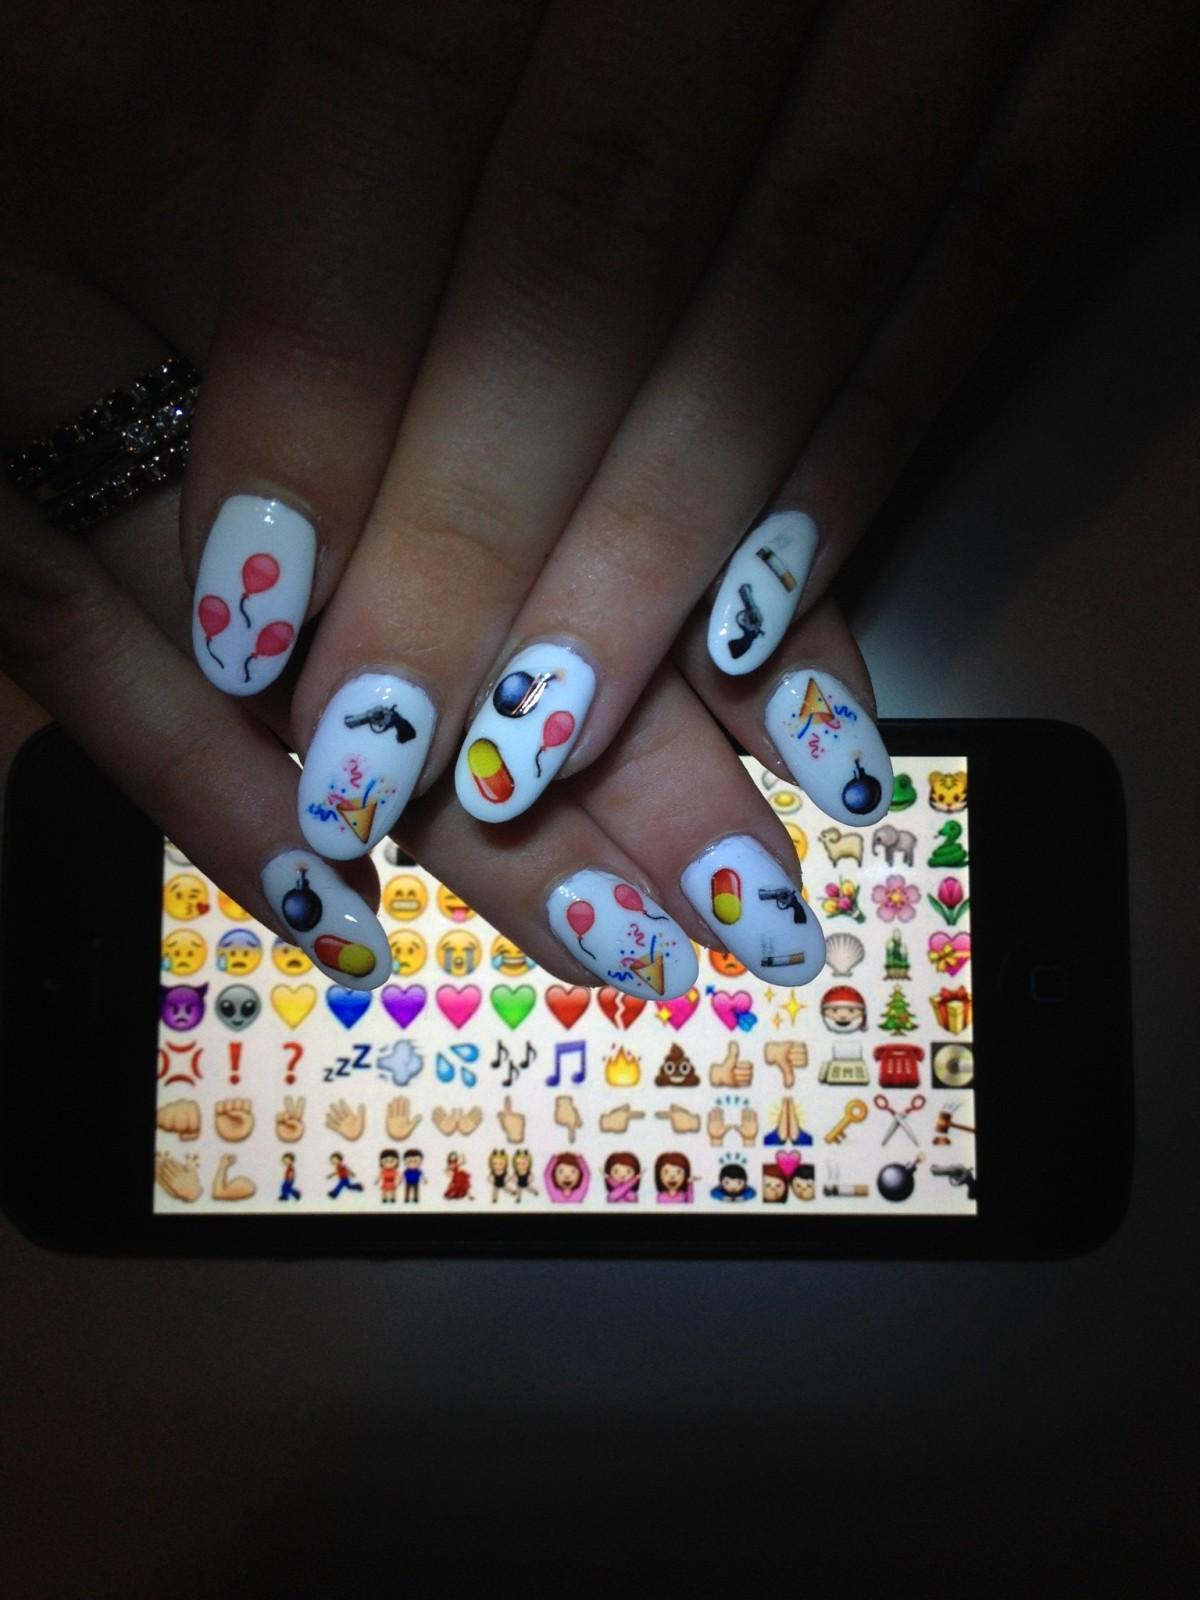 Introducing The Emoji Mani